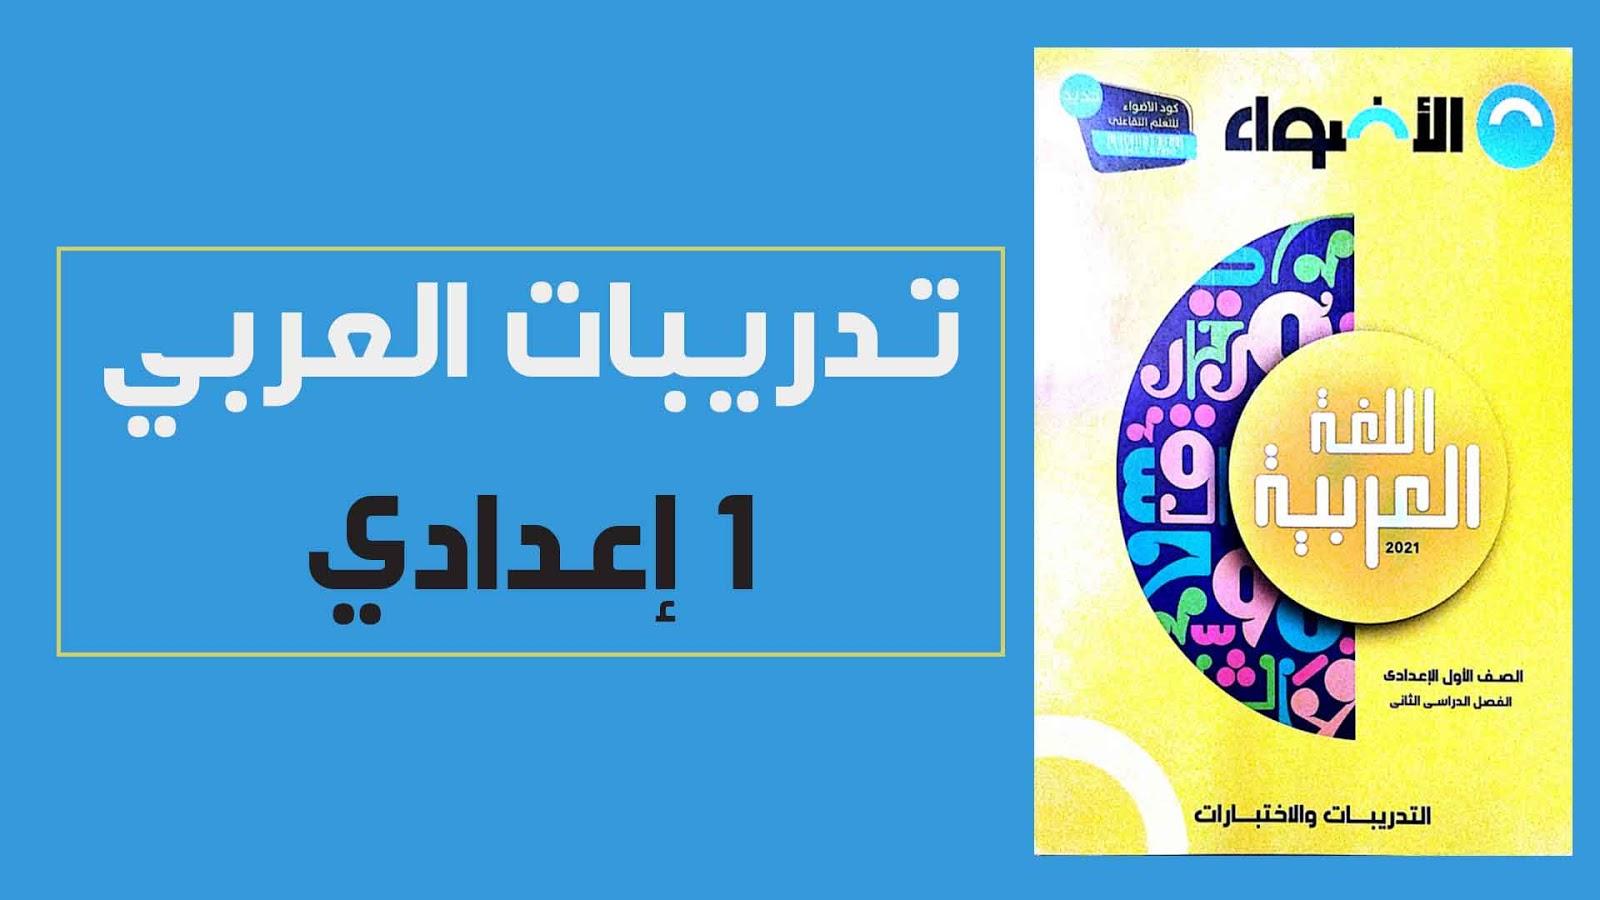 تحميل كتاب الاضواء فى اللغة العربية للصف الاول الإعدادى الترم الثانى 2021 النسخة الجديدة pdf (كتاب الامتحانات والاسئلة)